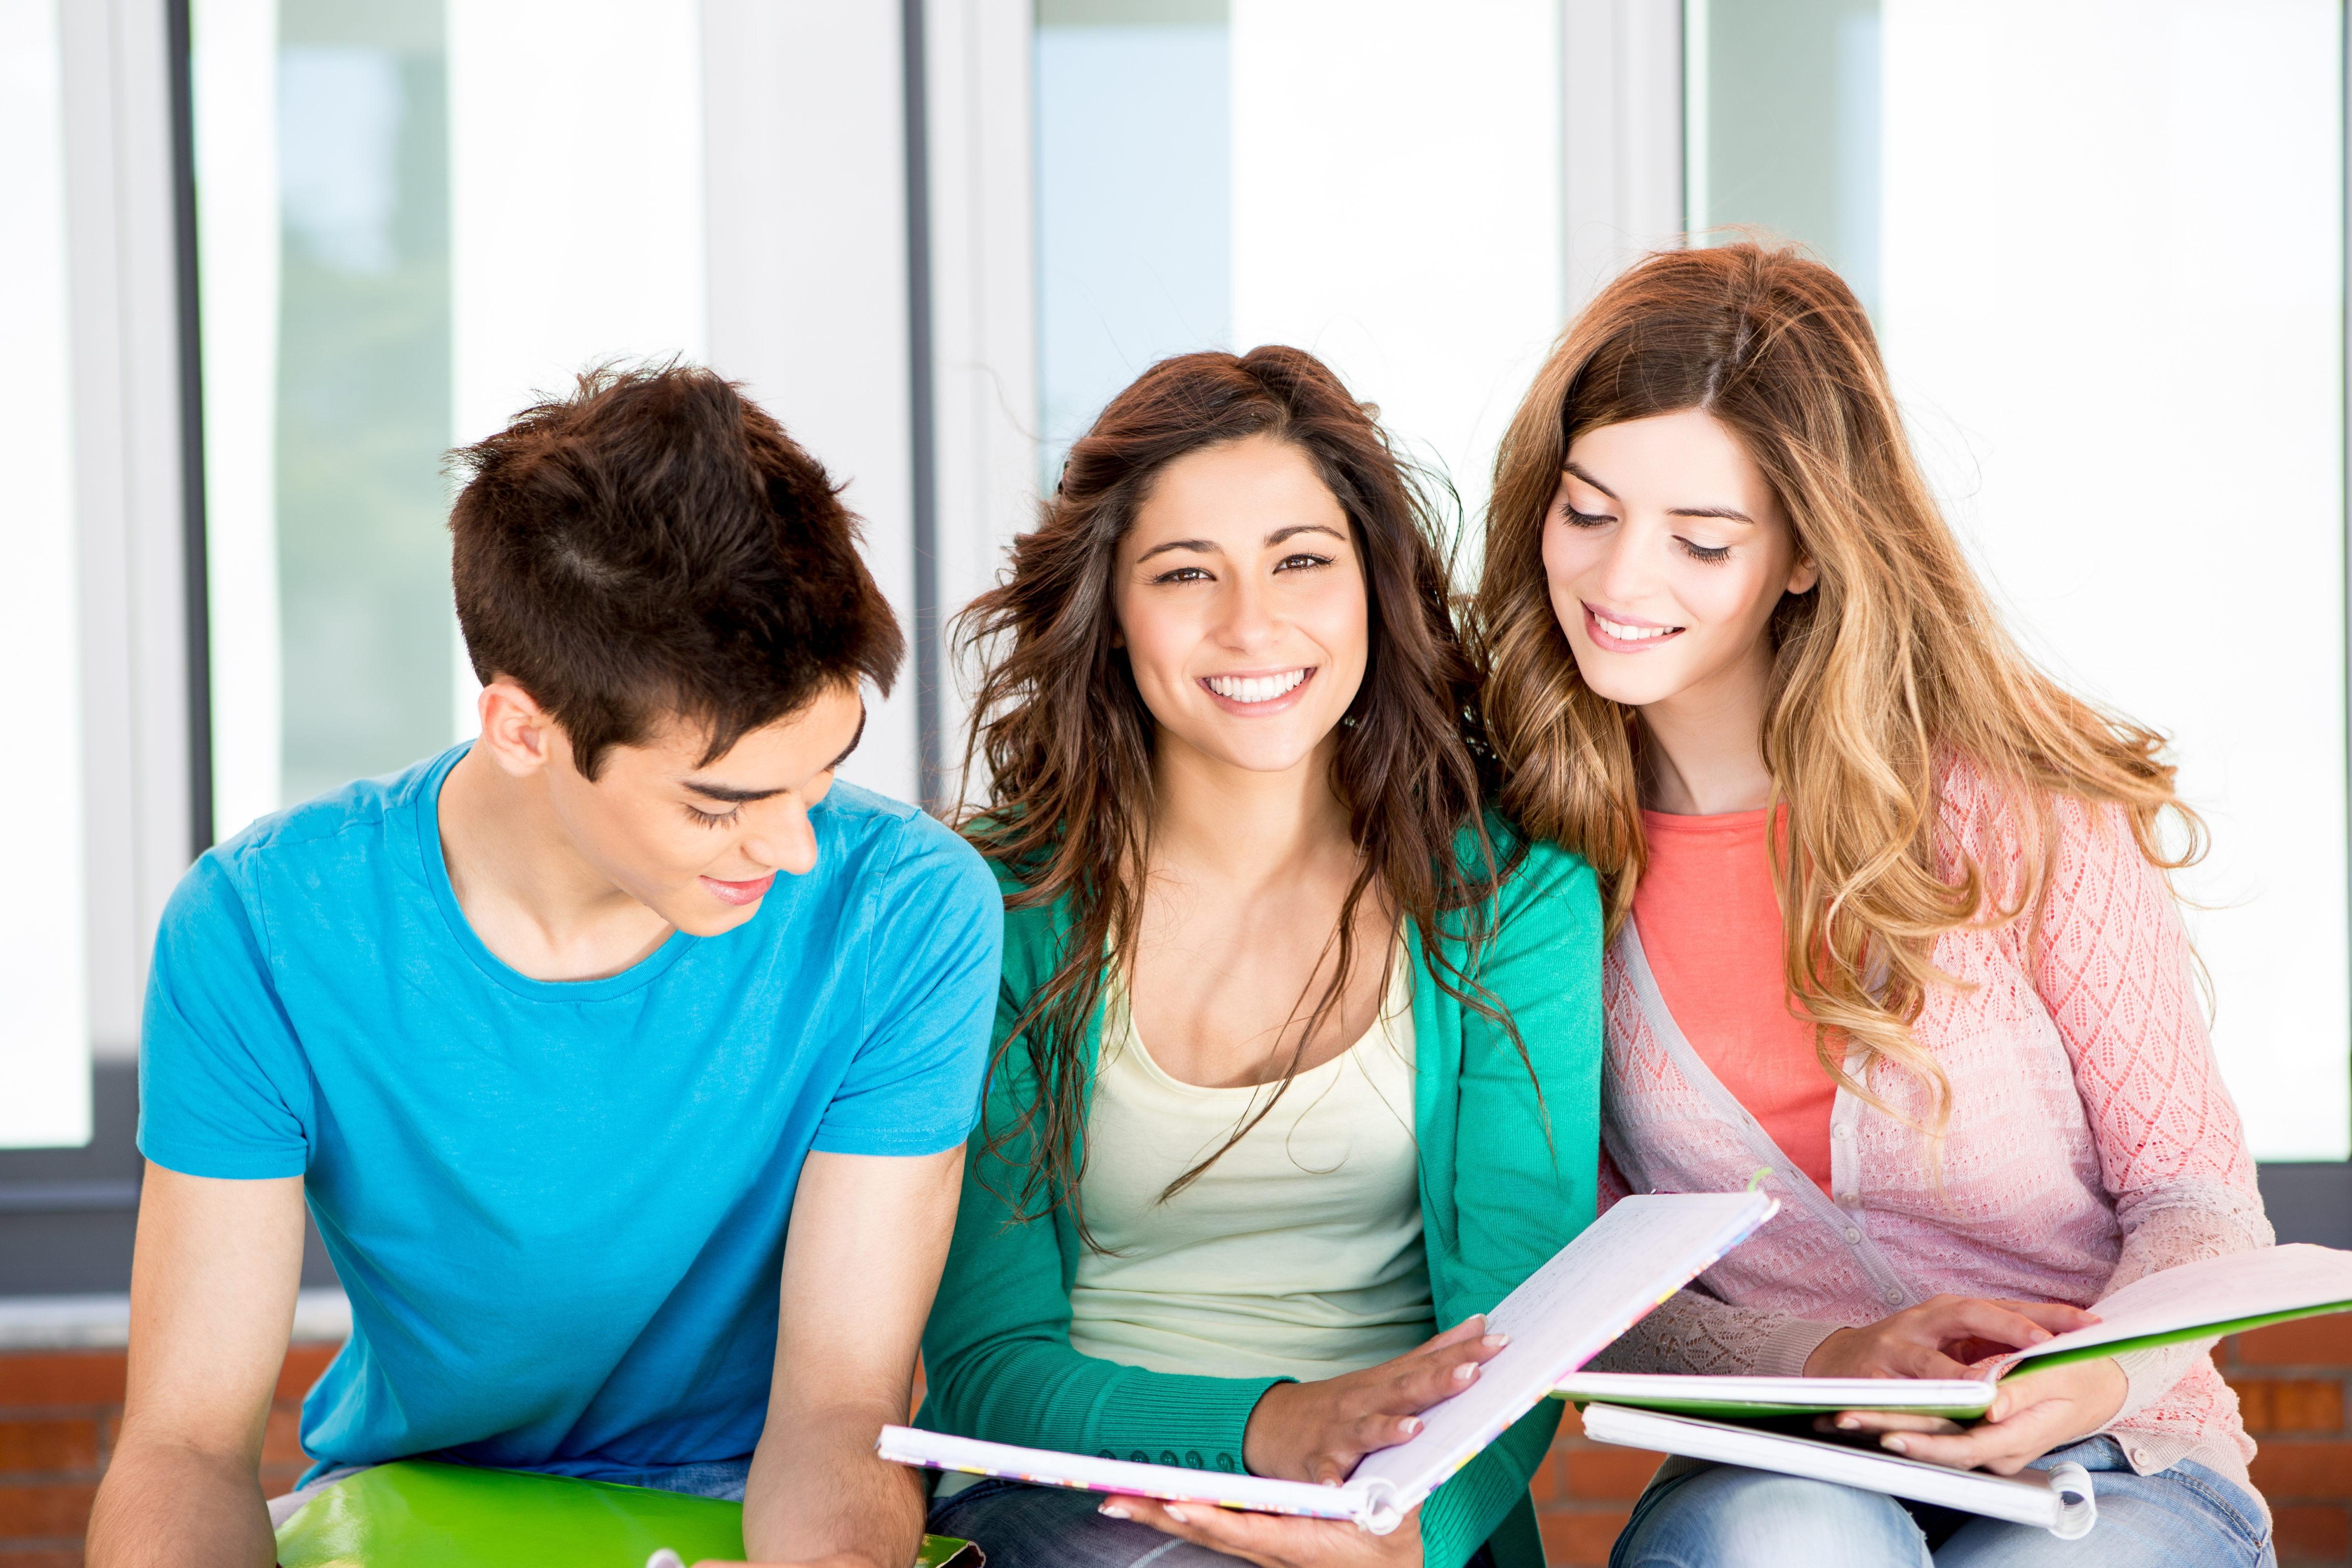 Zadarski srednjoškolci nisu upoznati s HPV-om